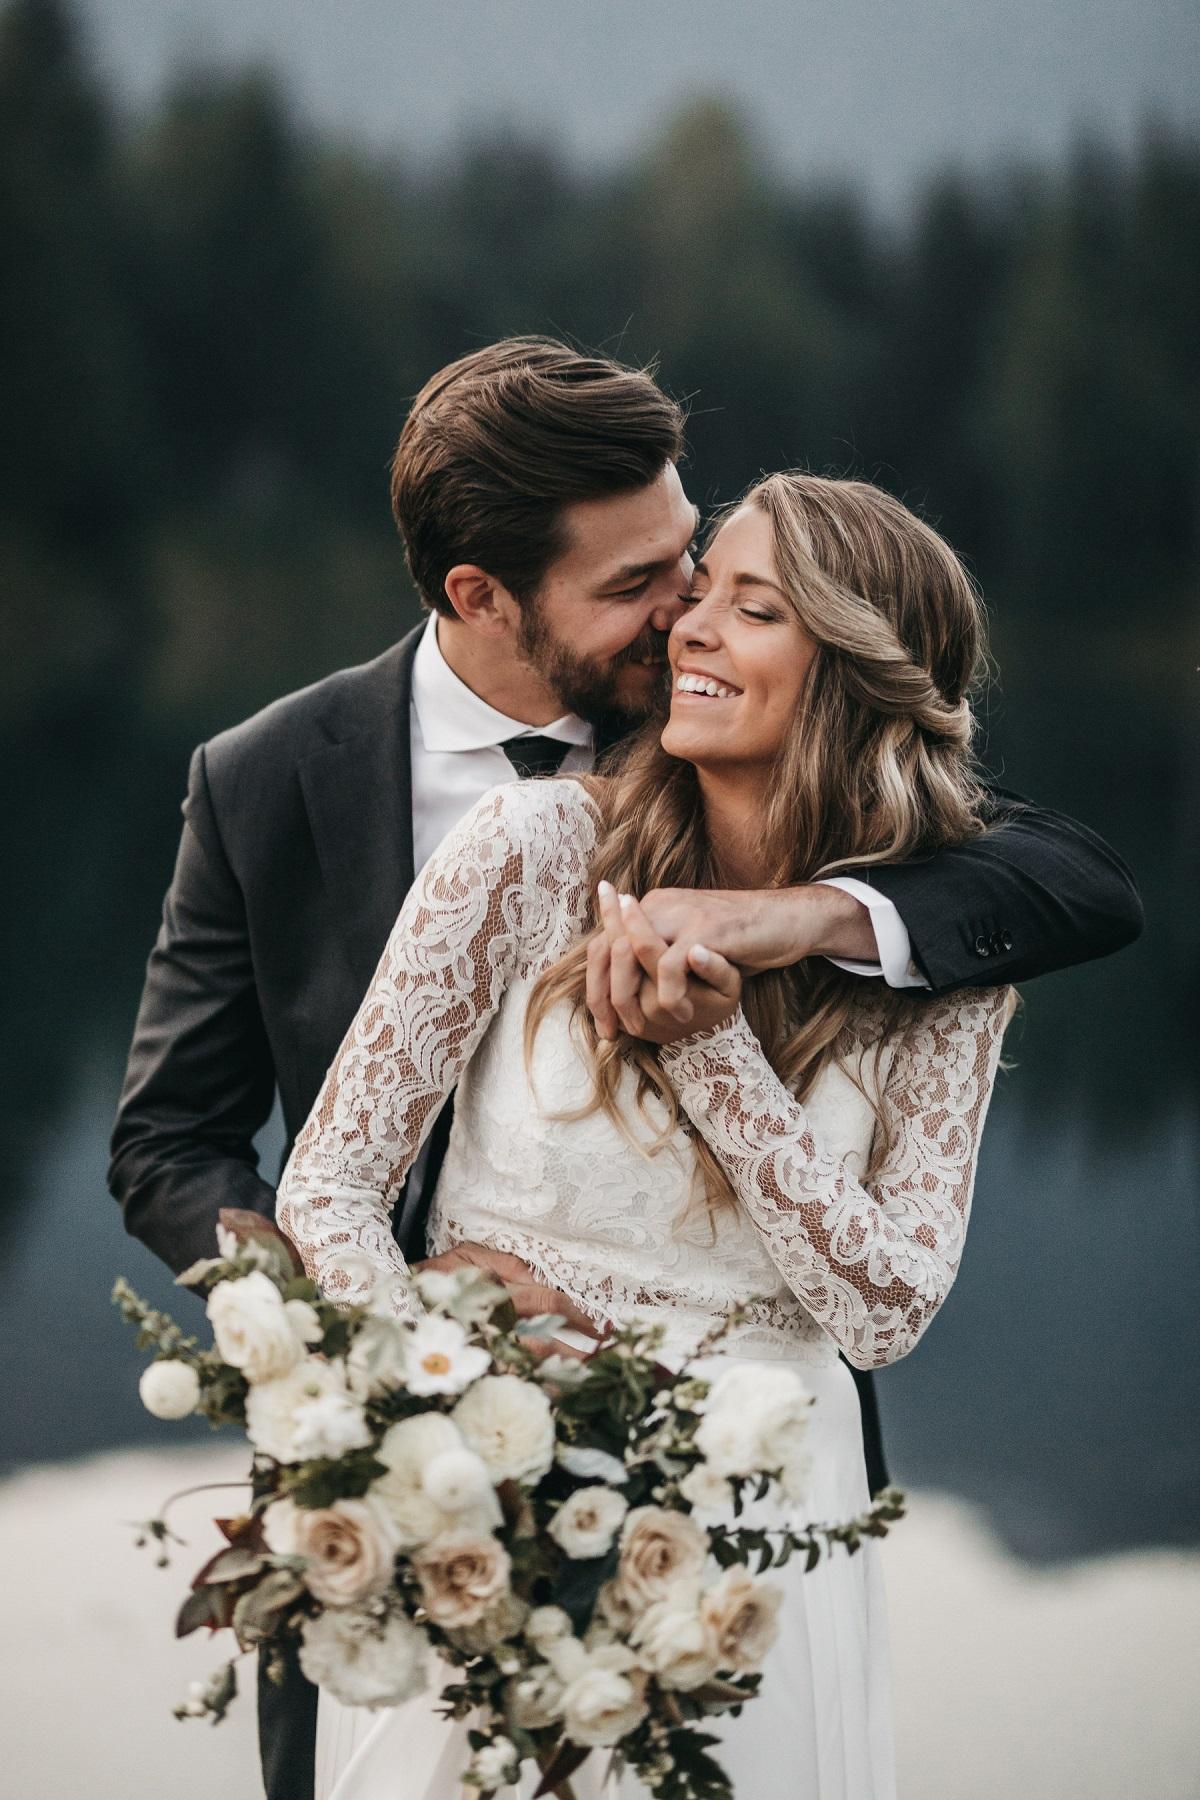 Fotoshoot met bruidspaar